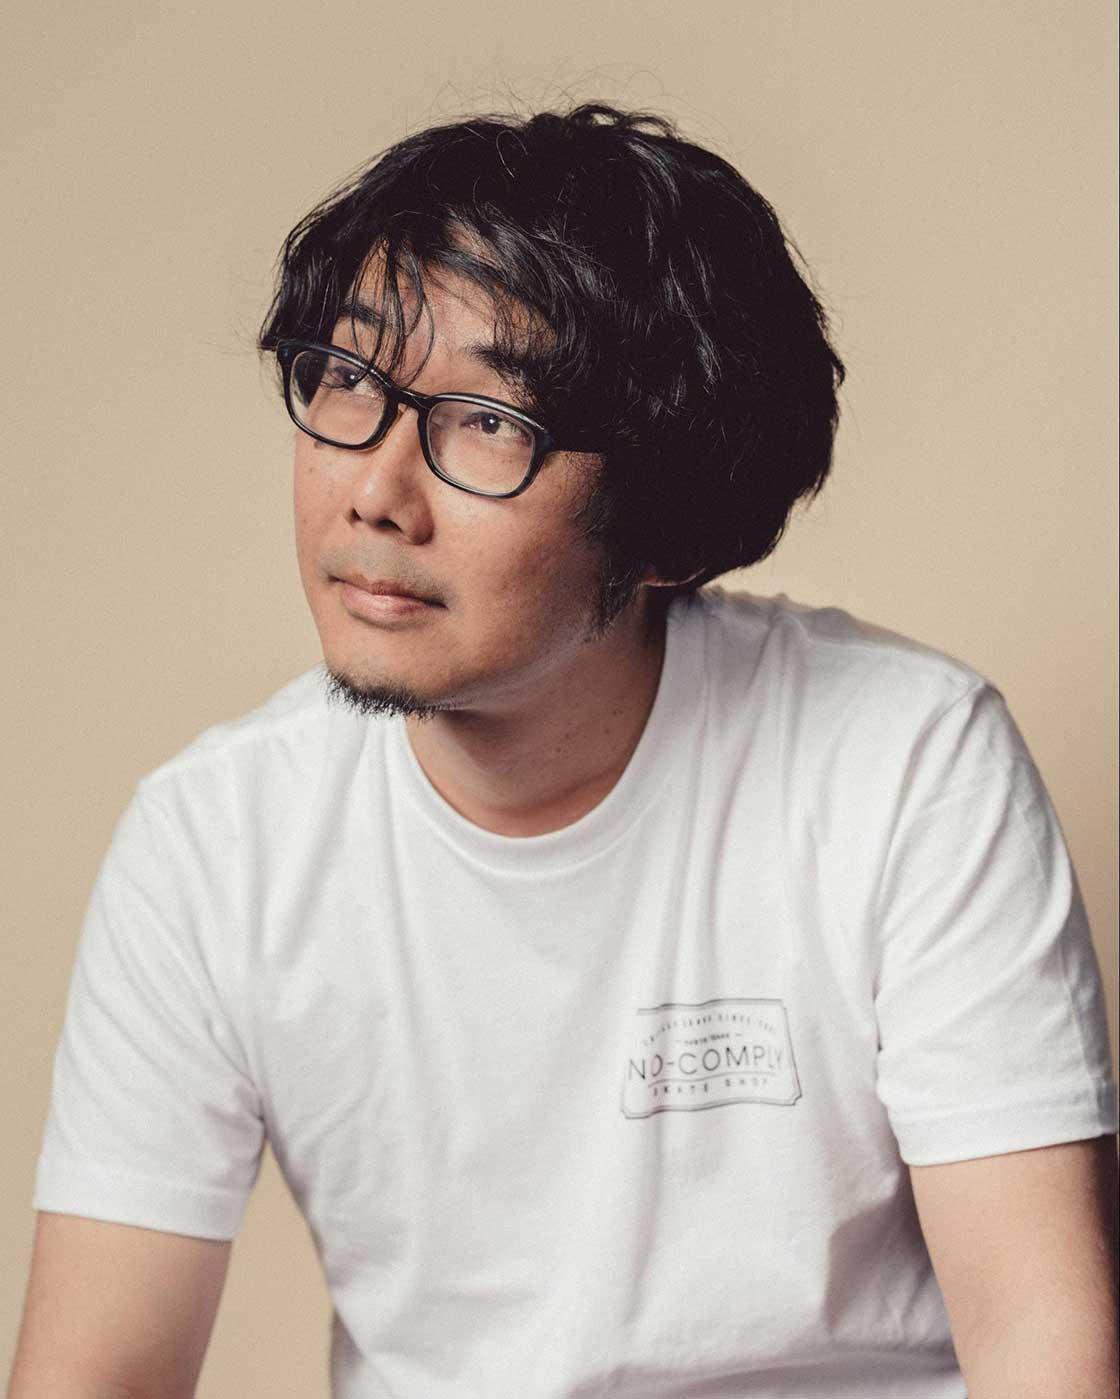 若林恵さん(編集者 / 株式会社 黒鳥社)